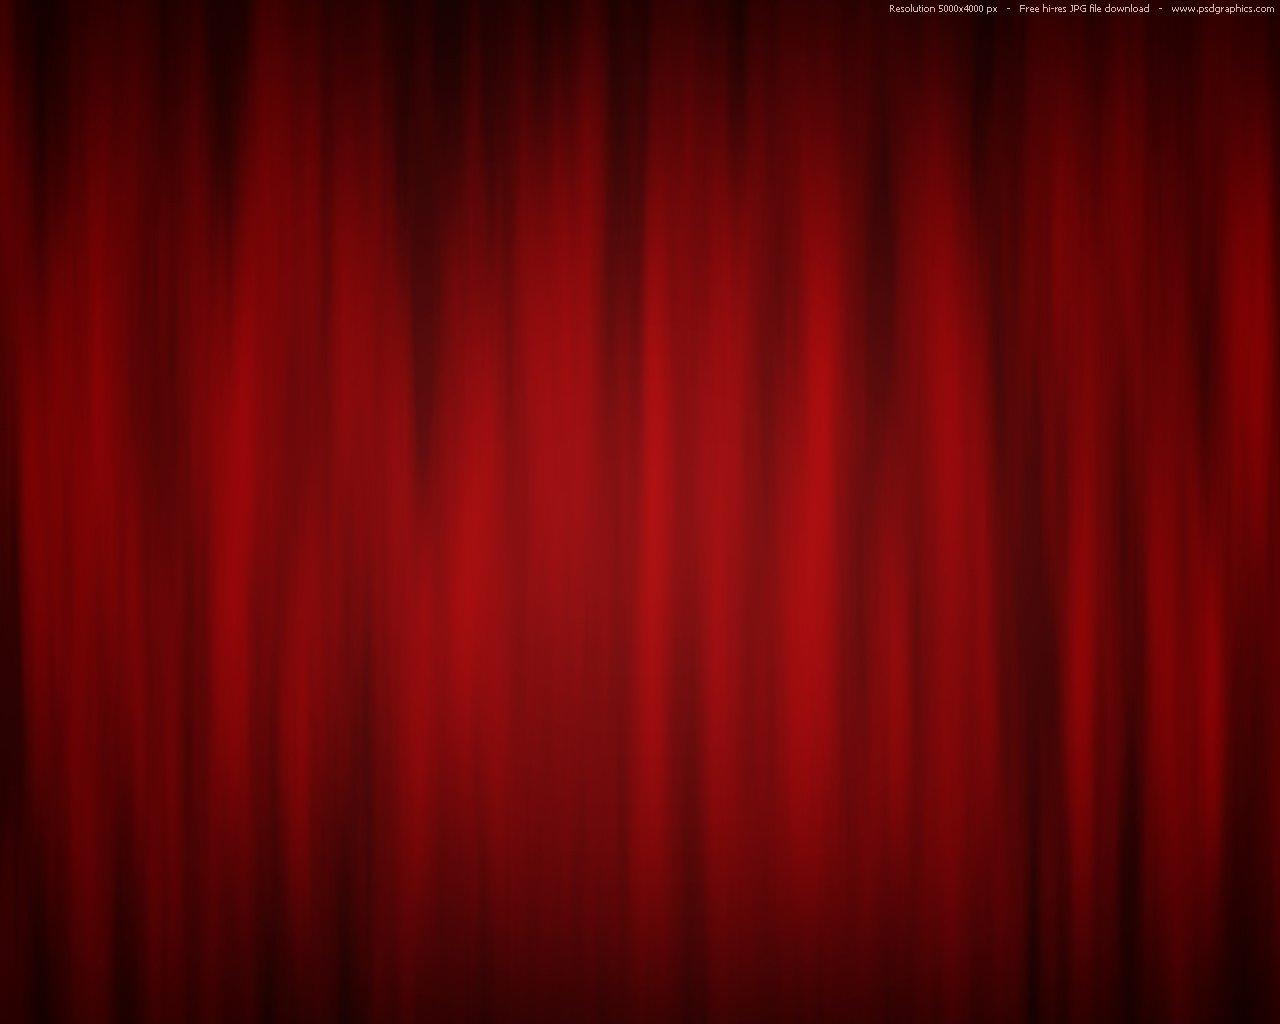 Red Velvet Wallpaper 1280x1024